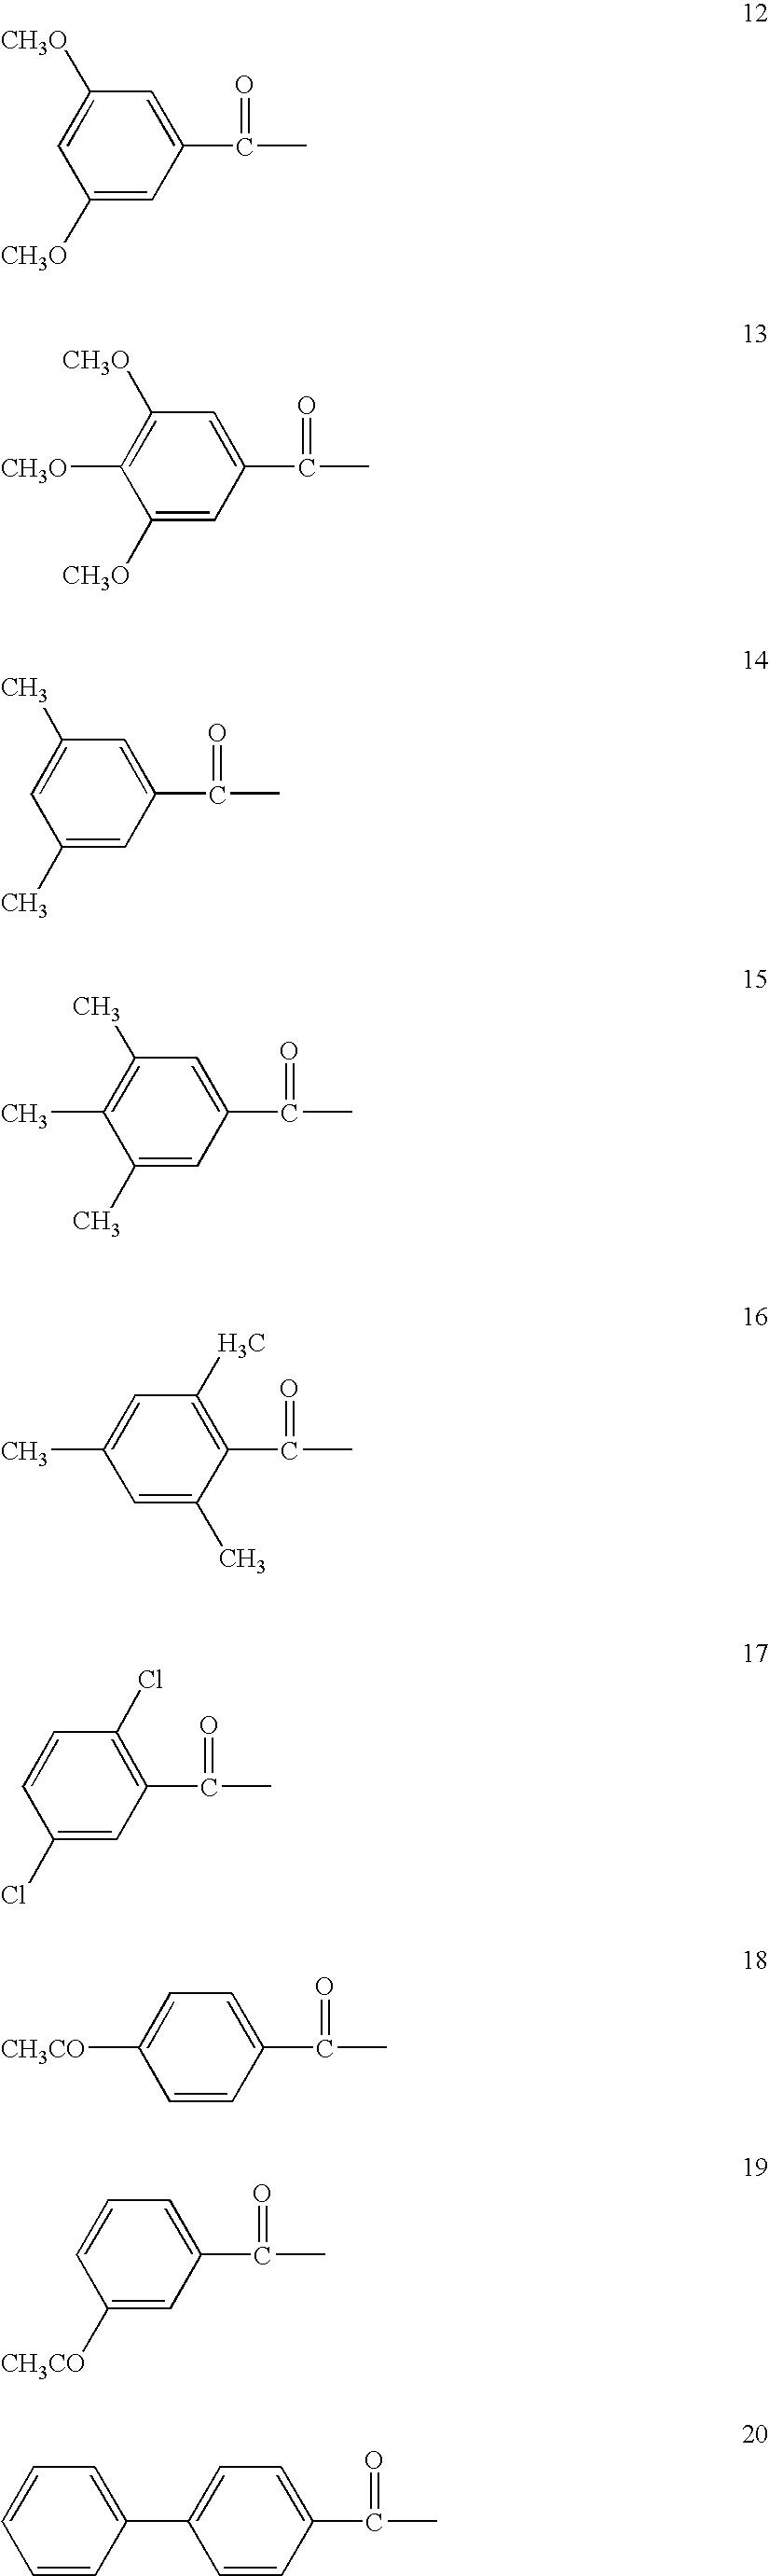 Figure US20100090364A1-20100415-C00003